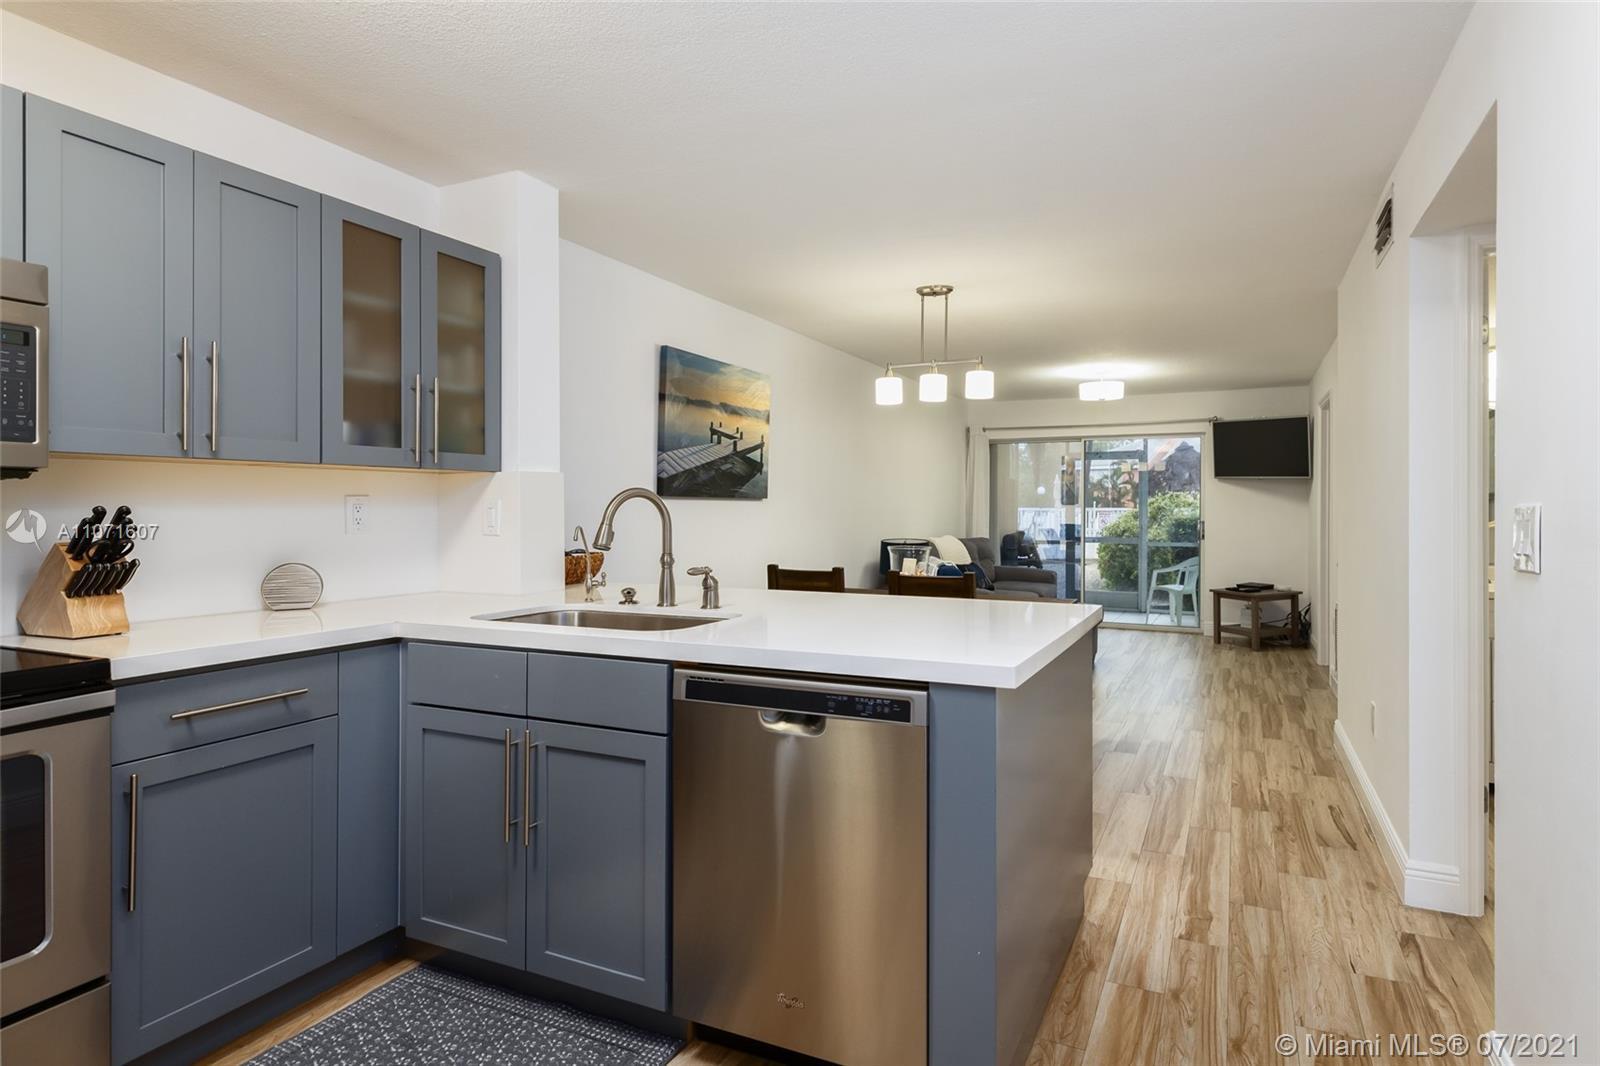 98341 Windward Ave #98341 Property Photo 1